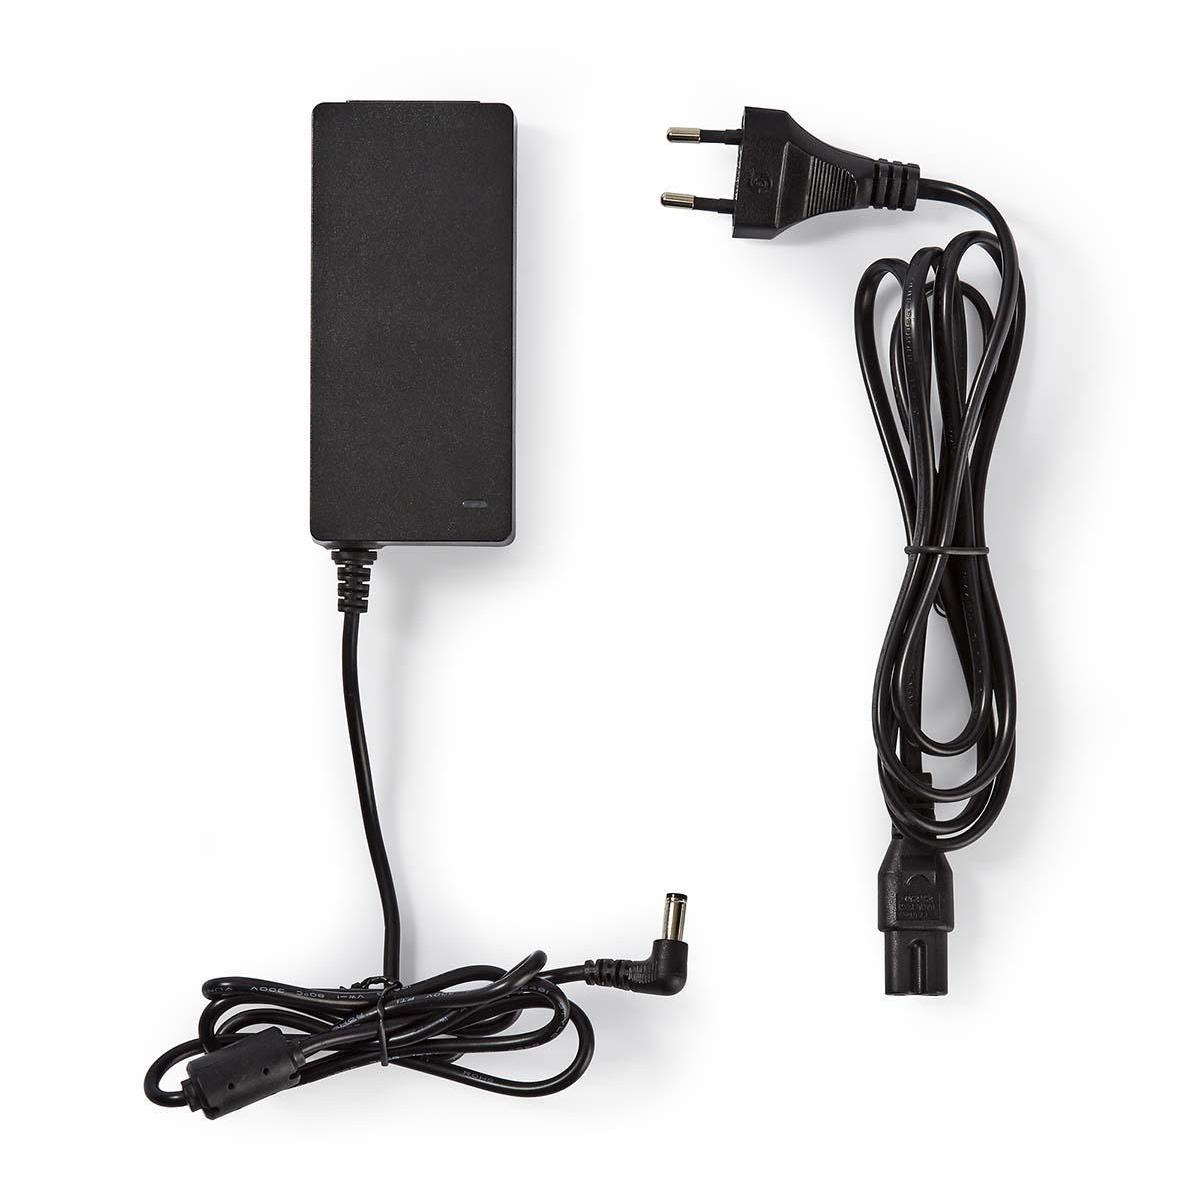 Ce n'est pas un adaptateur de vidéosurveillance standard - cet adaptateur est spécialement conçu pour les systèmes de vidéosurveillance qui exigent beaucoup d'énergie. Là où les adaptateurs standard fournissent rarement assez de puissance pour une utilisa